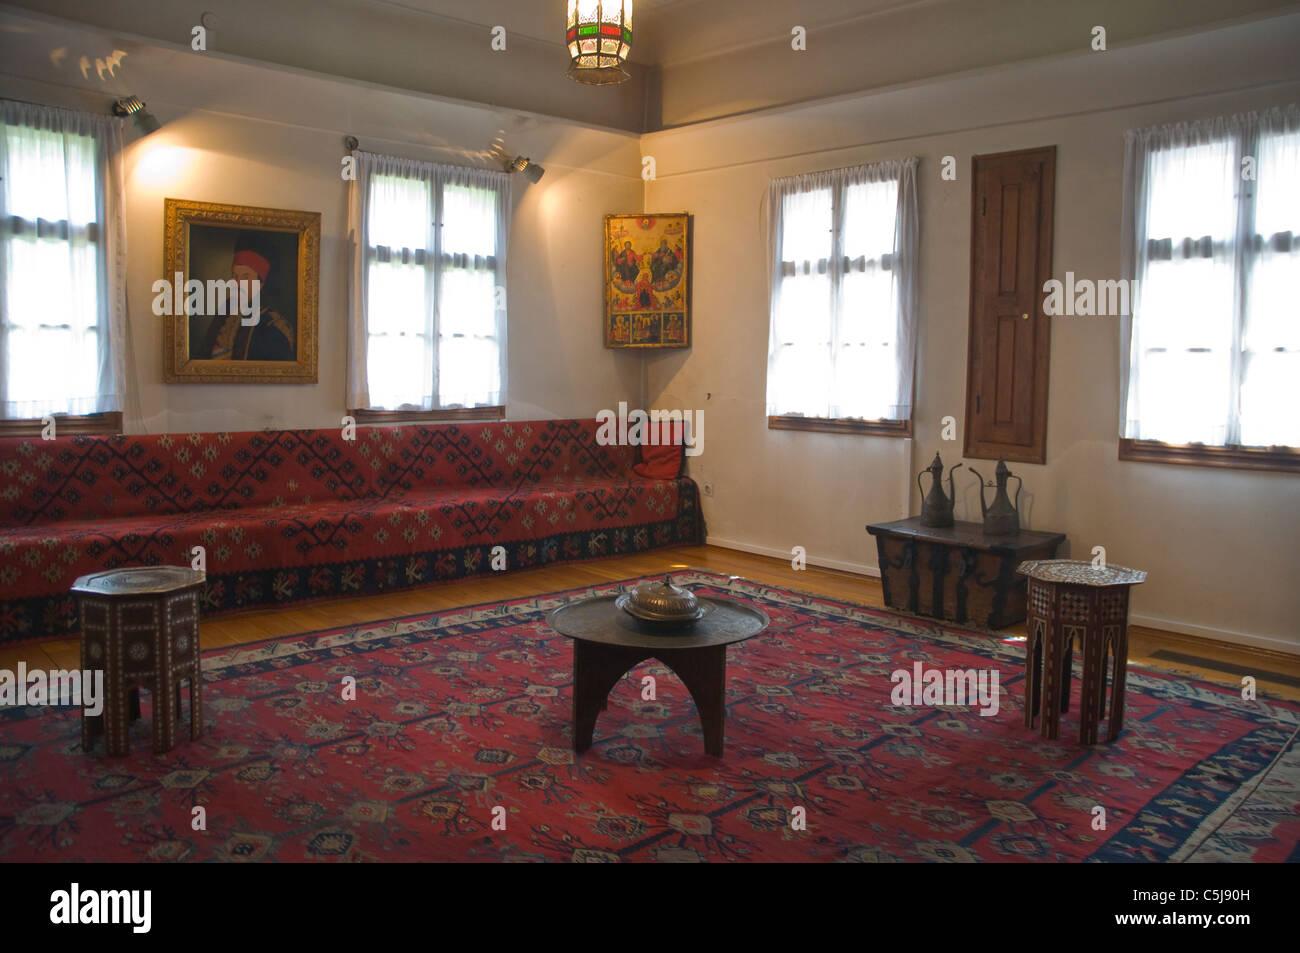 Habitación De Estilo Europeo Imágenes De Stock   Habitación De ... 0ba19c6e102